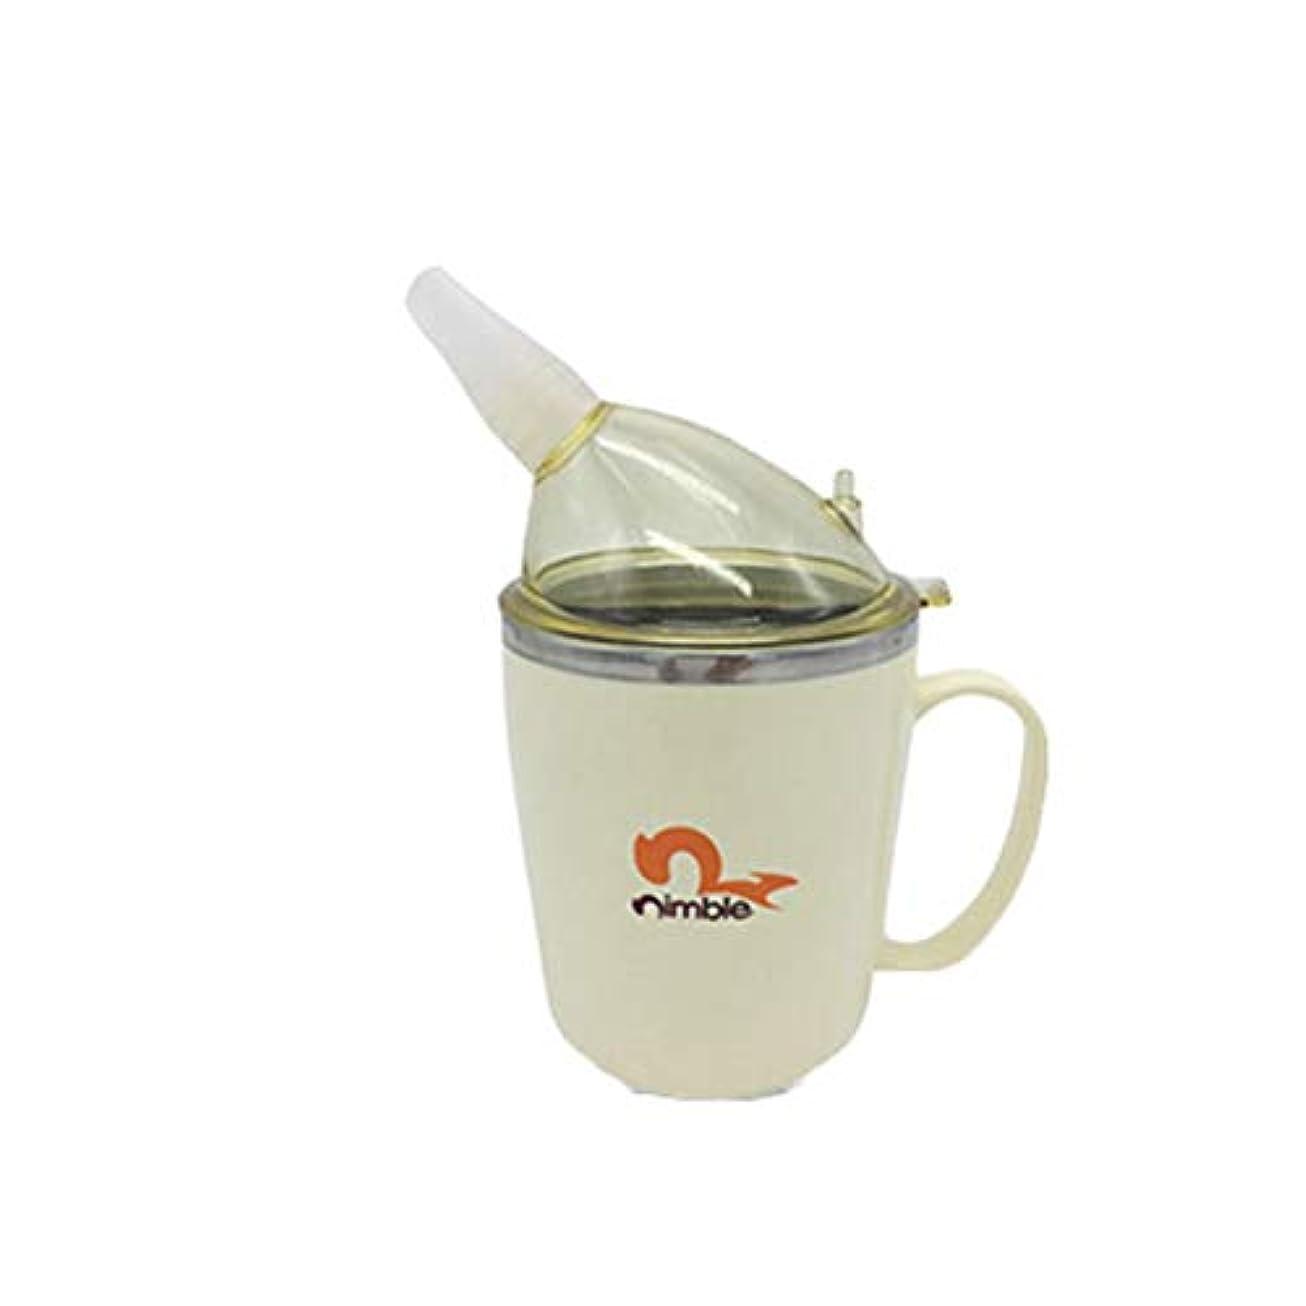 その他軽減測定可能Healifty ふたとわらが付いている大人のシッピーカップ回復期の摂食カップのステンレス鋼のコップ